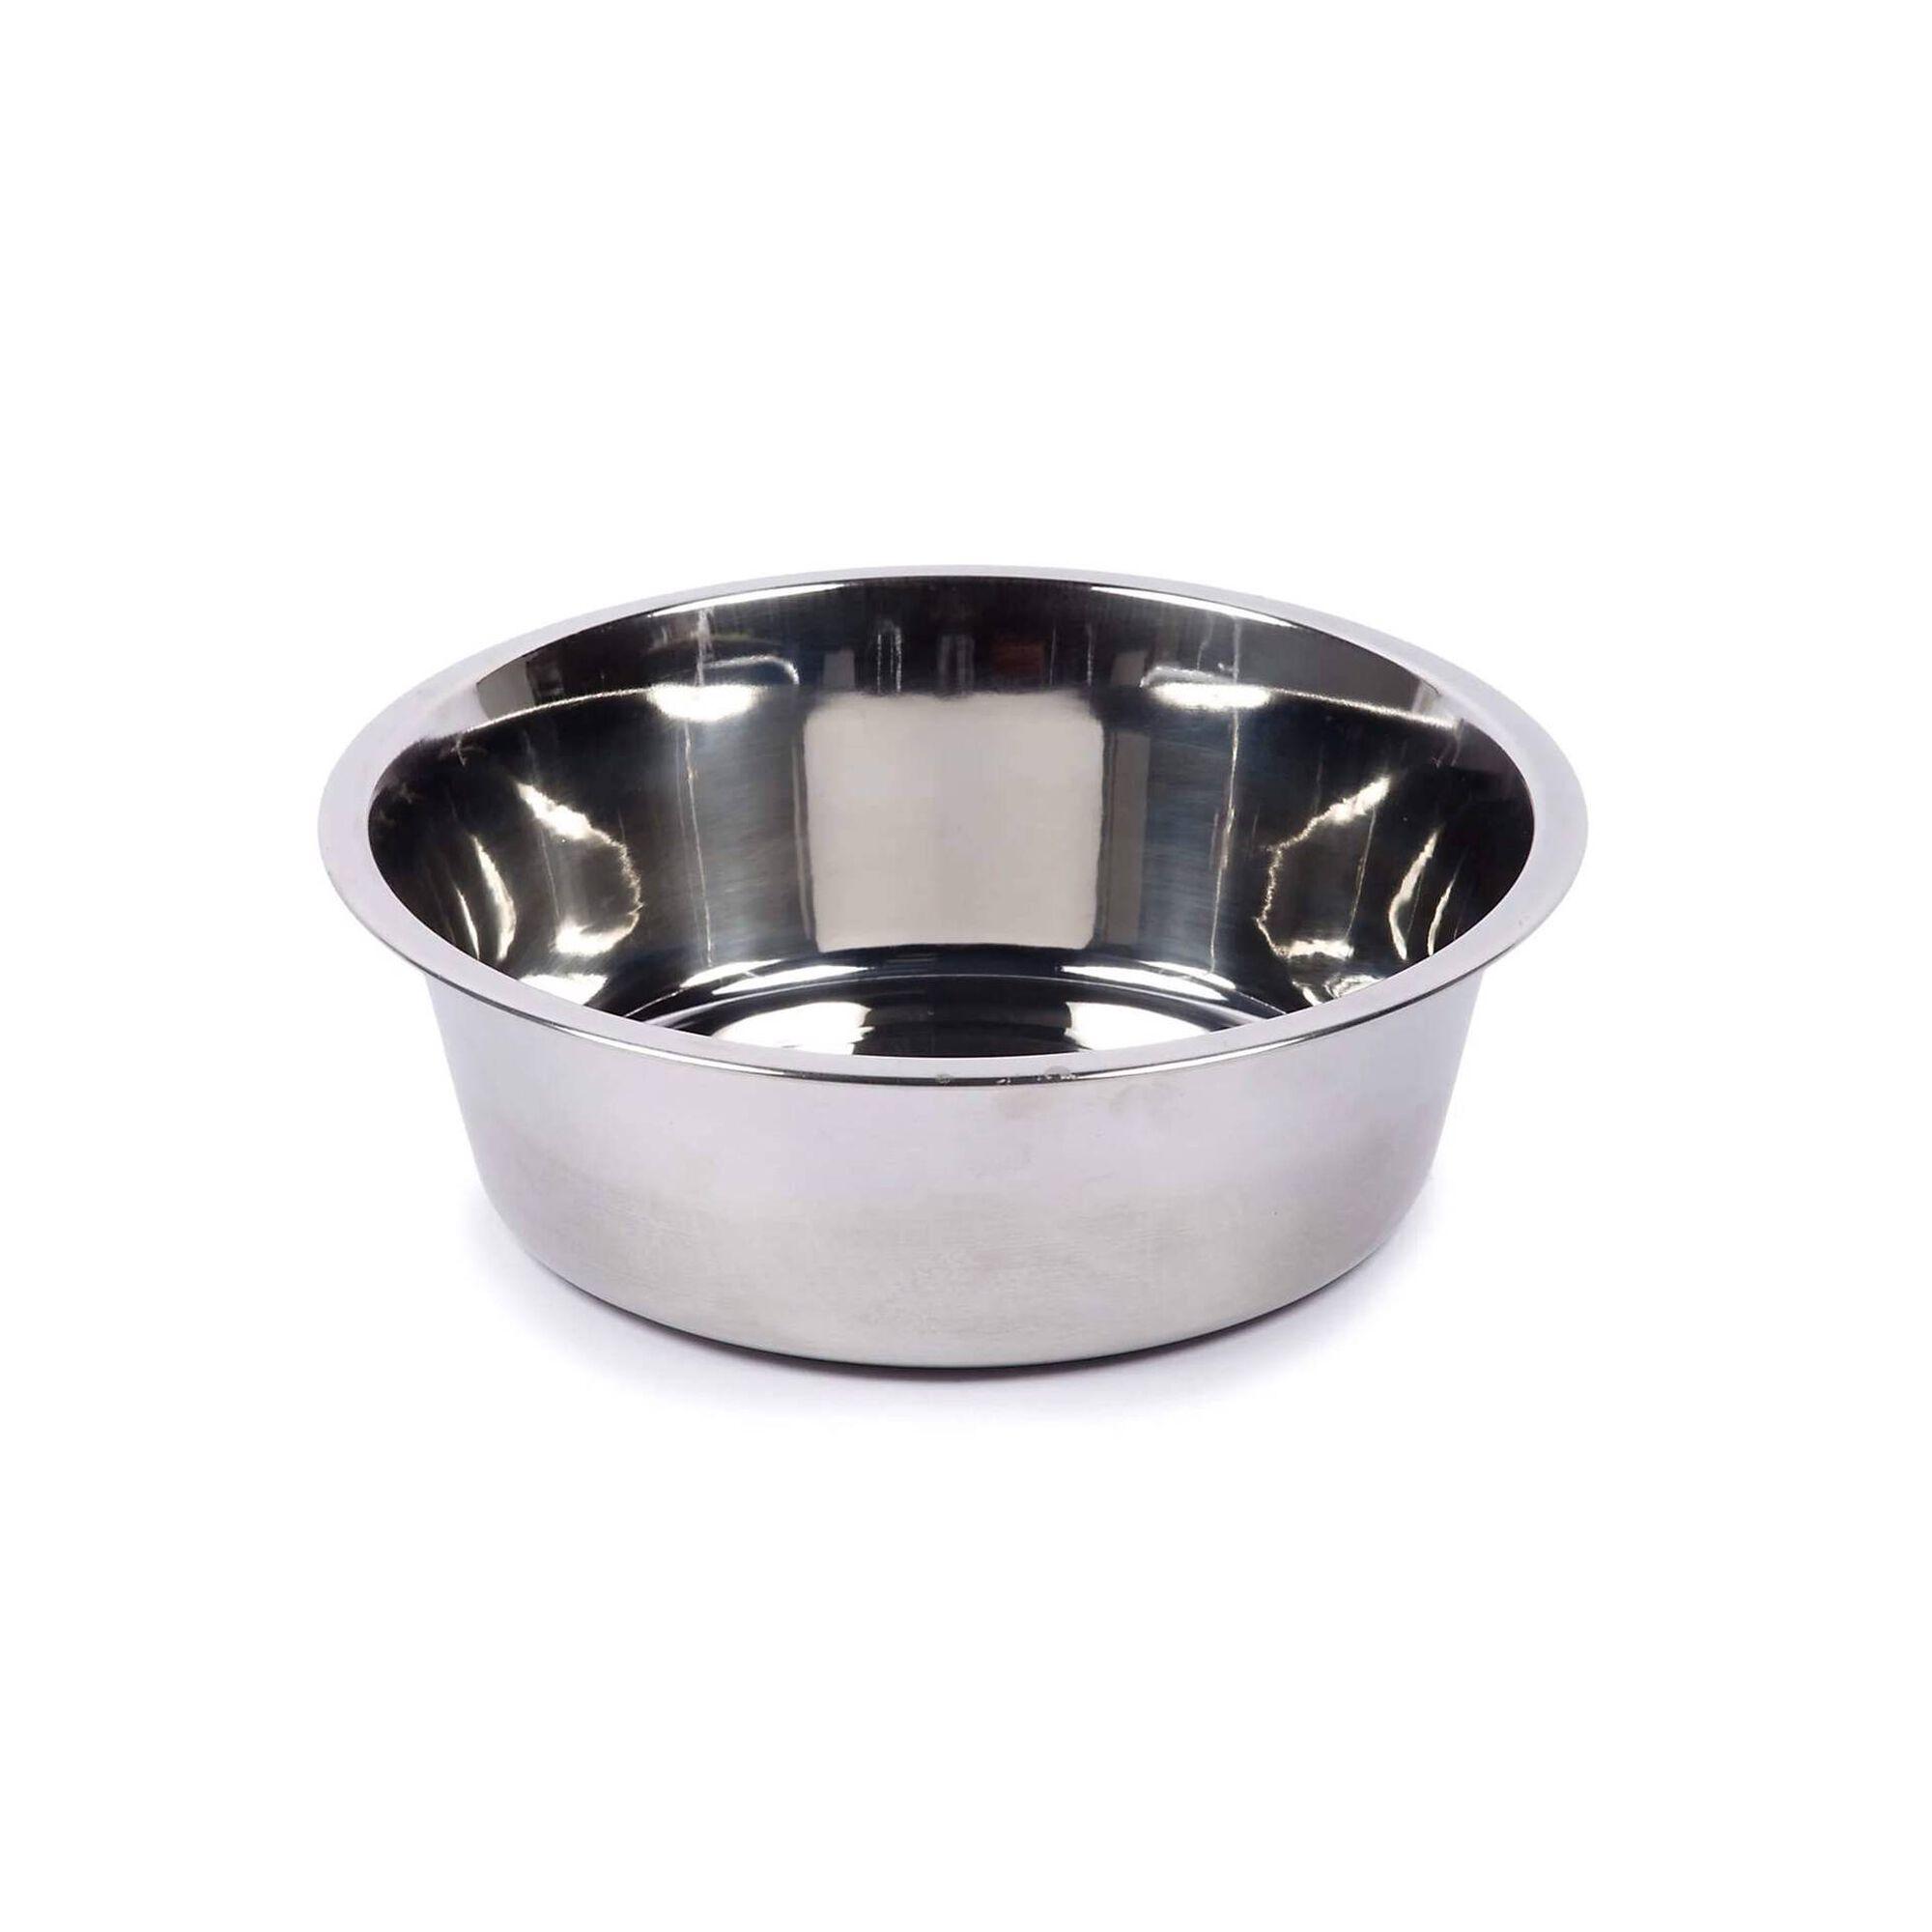 Comedouro para Cão Inox 21 cm x 1,5 lt